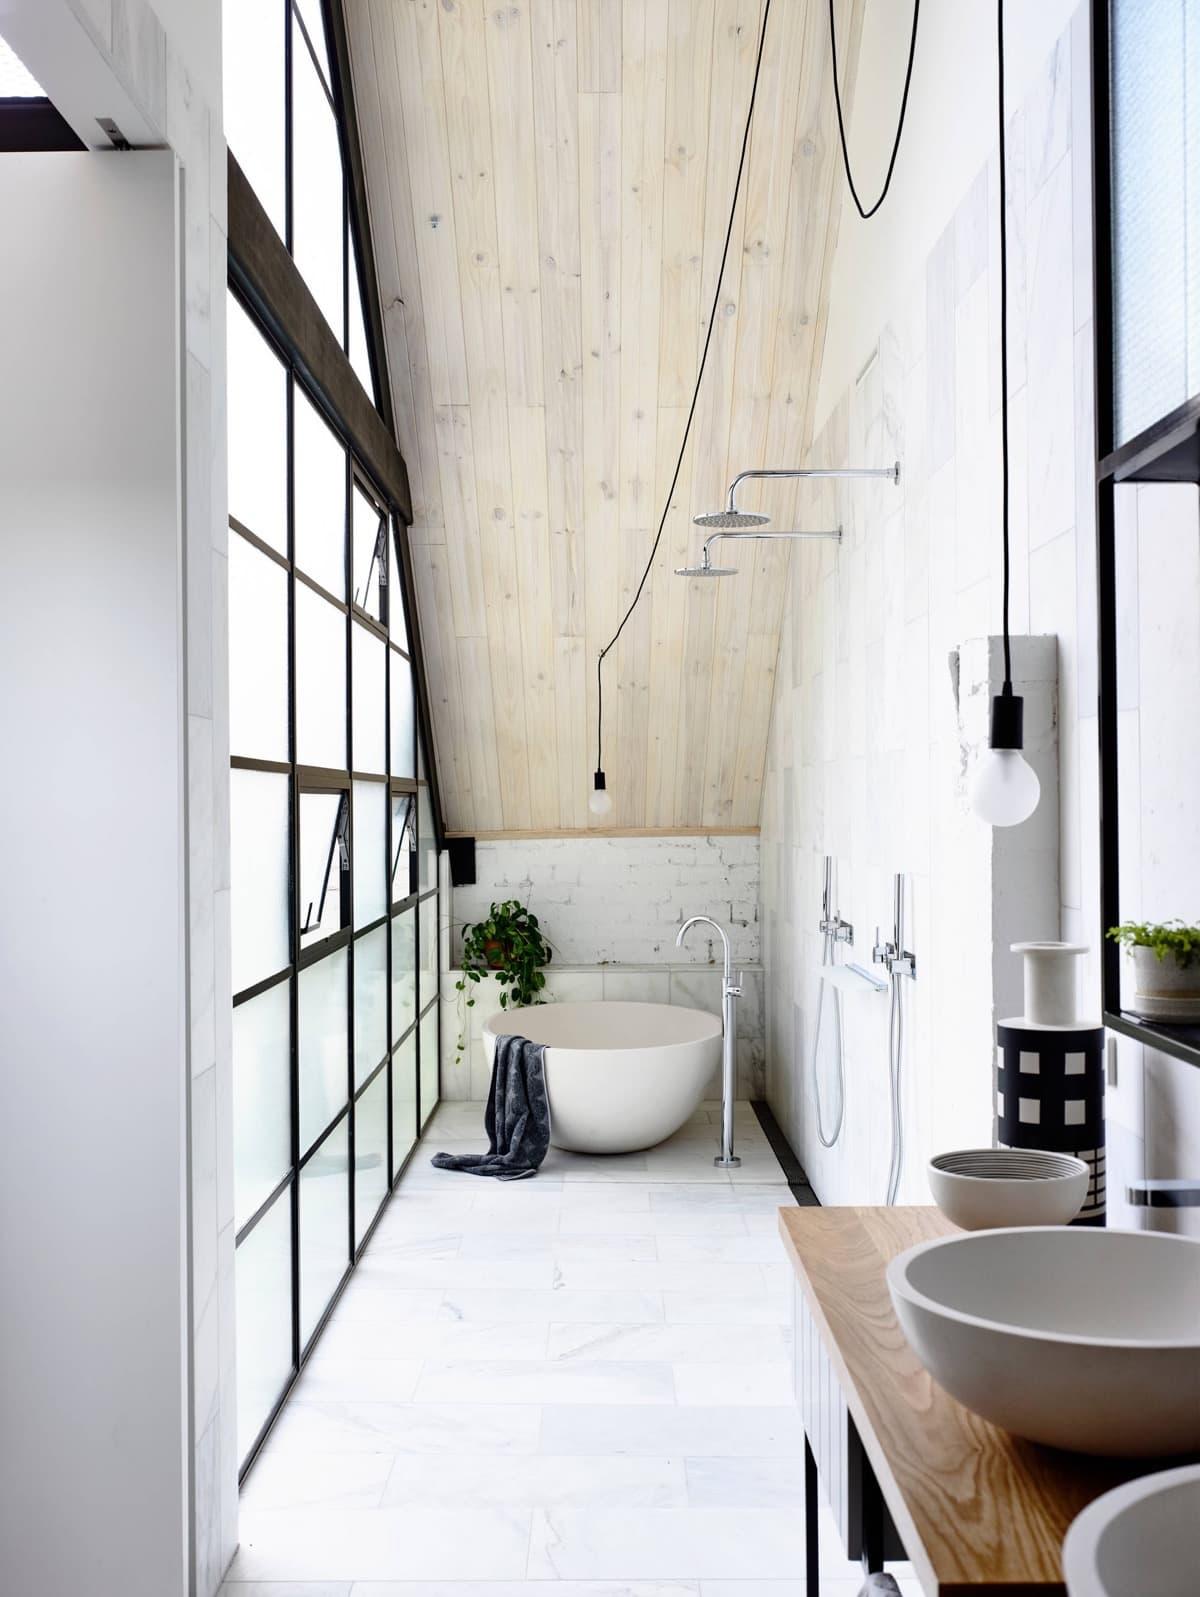 Присутствие дерева добавляет комфорта любому помещению, ванная - не исключение